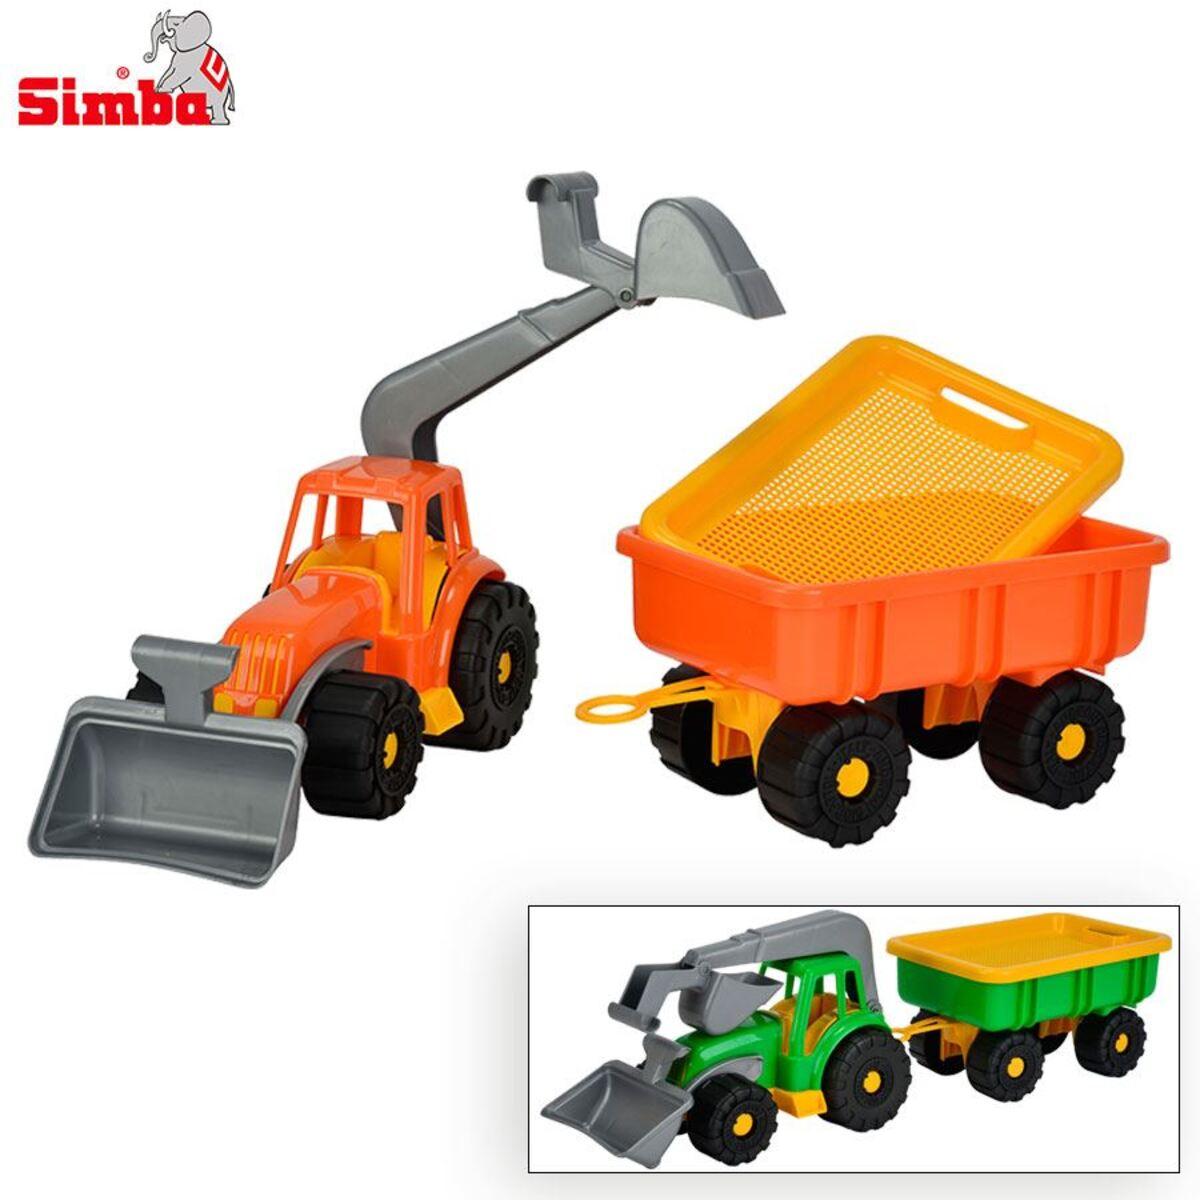 Bild 1 von Simba Spielzeug-Traktor mit Schaufel und Anhänger